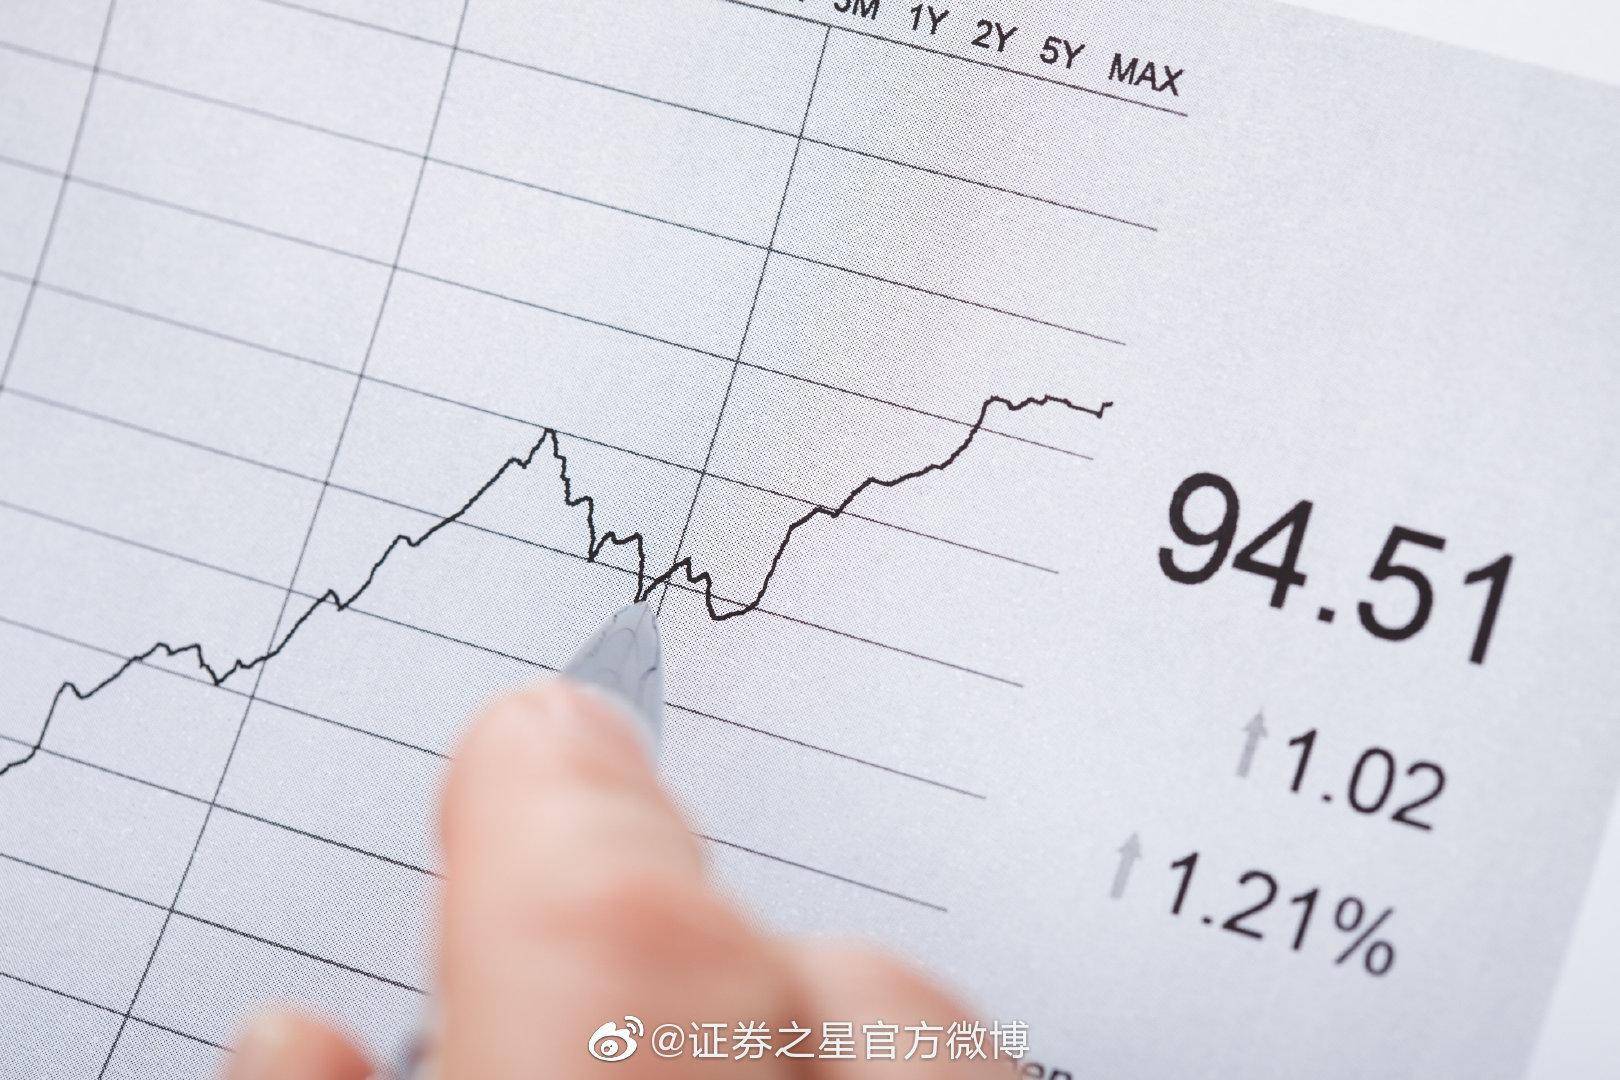 兴业证券全球策略师张忆东:全球资产荒 中国核心资产牛市继续